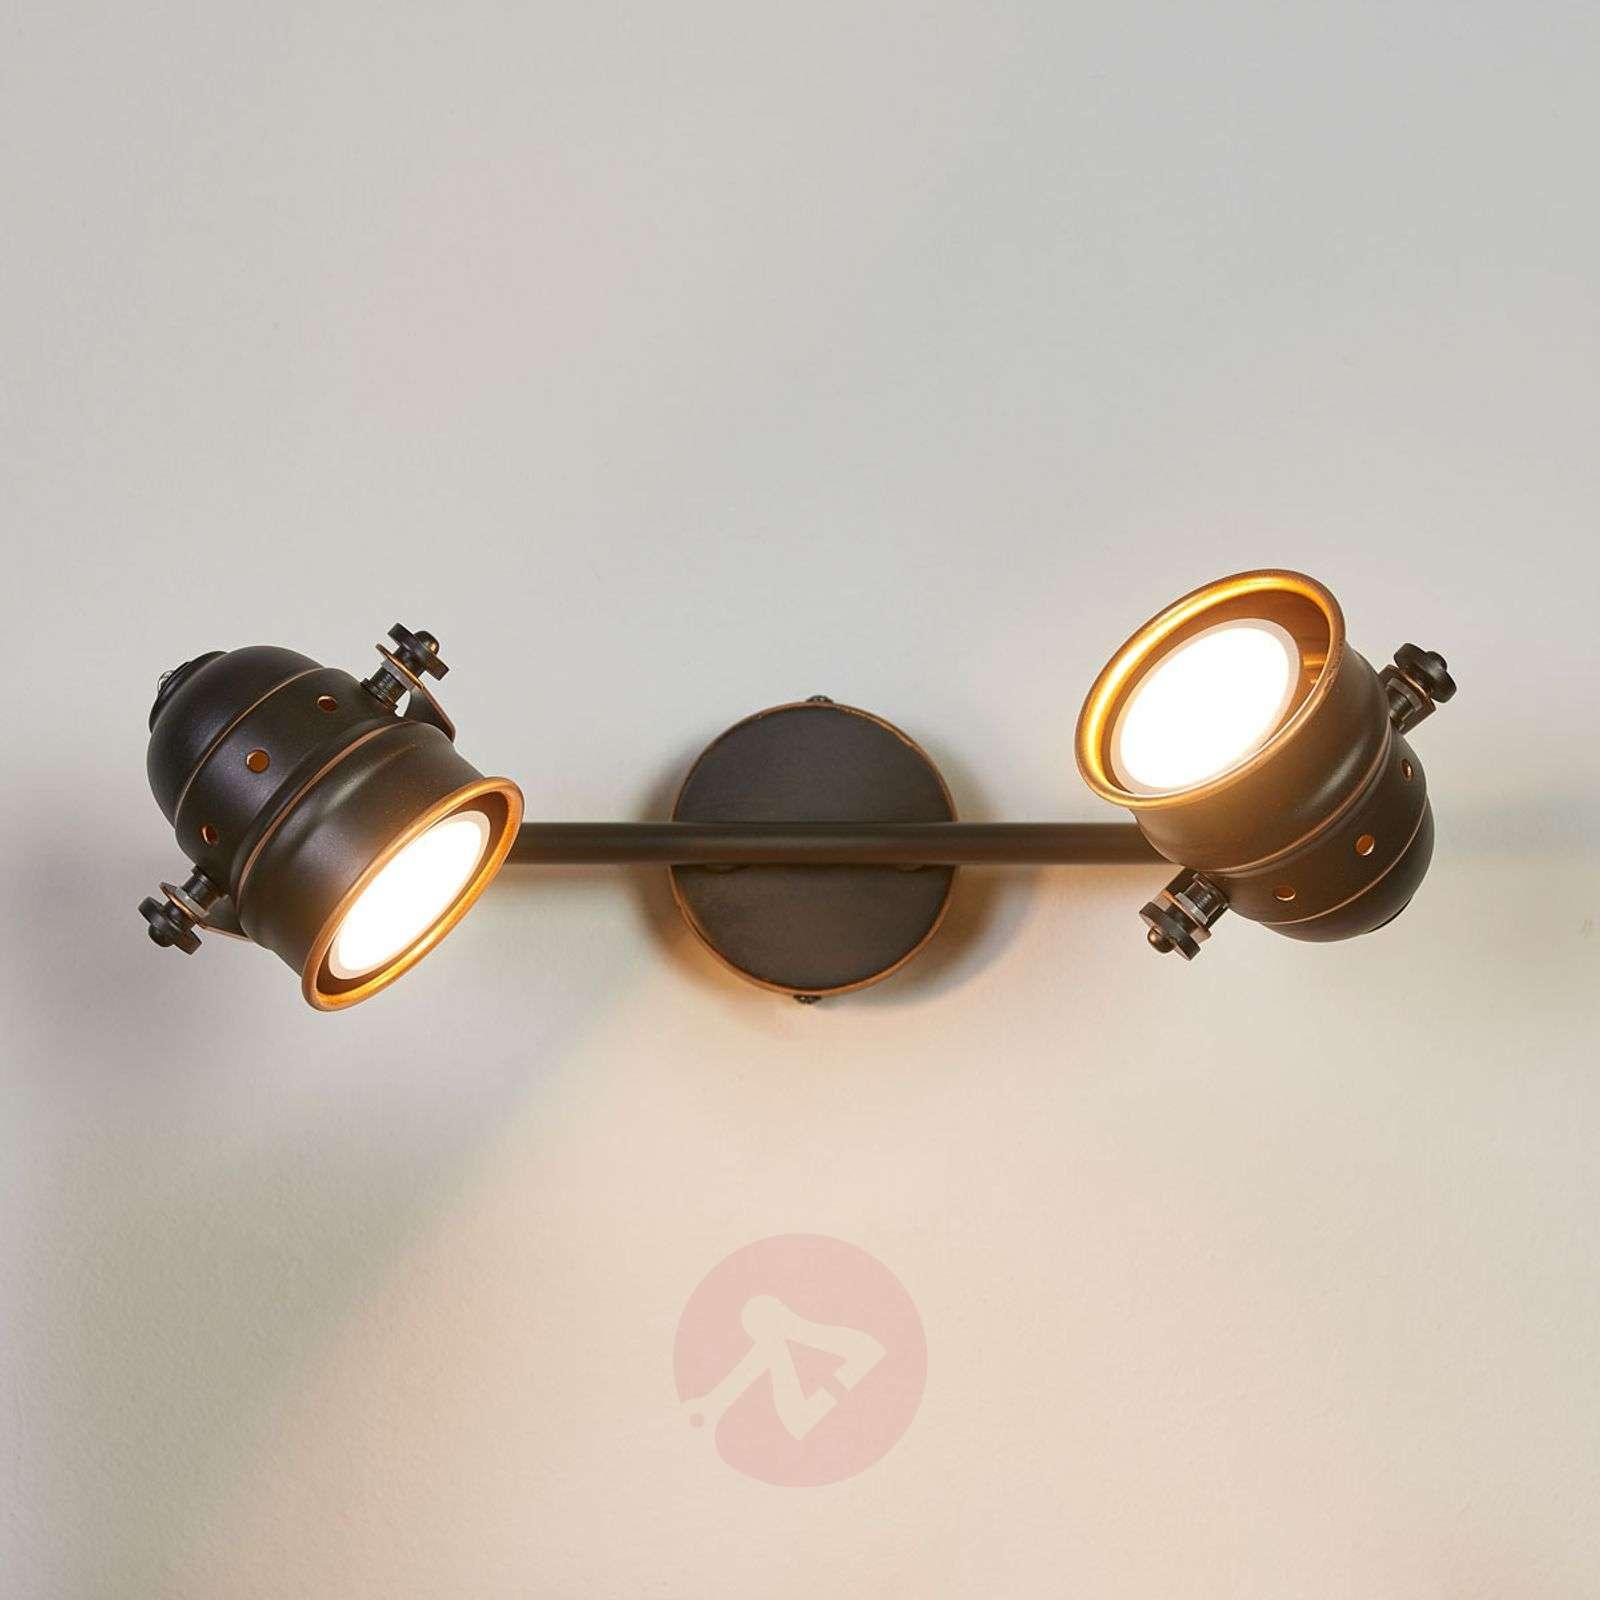 LED-kattovalaisin Leonor, musta ja kulta, GU10-9639067-01